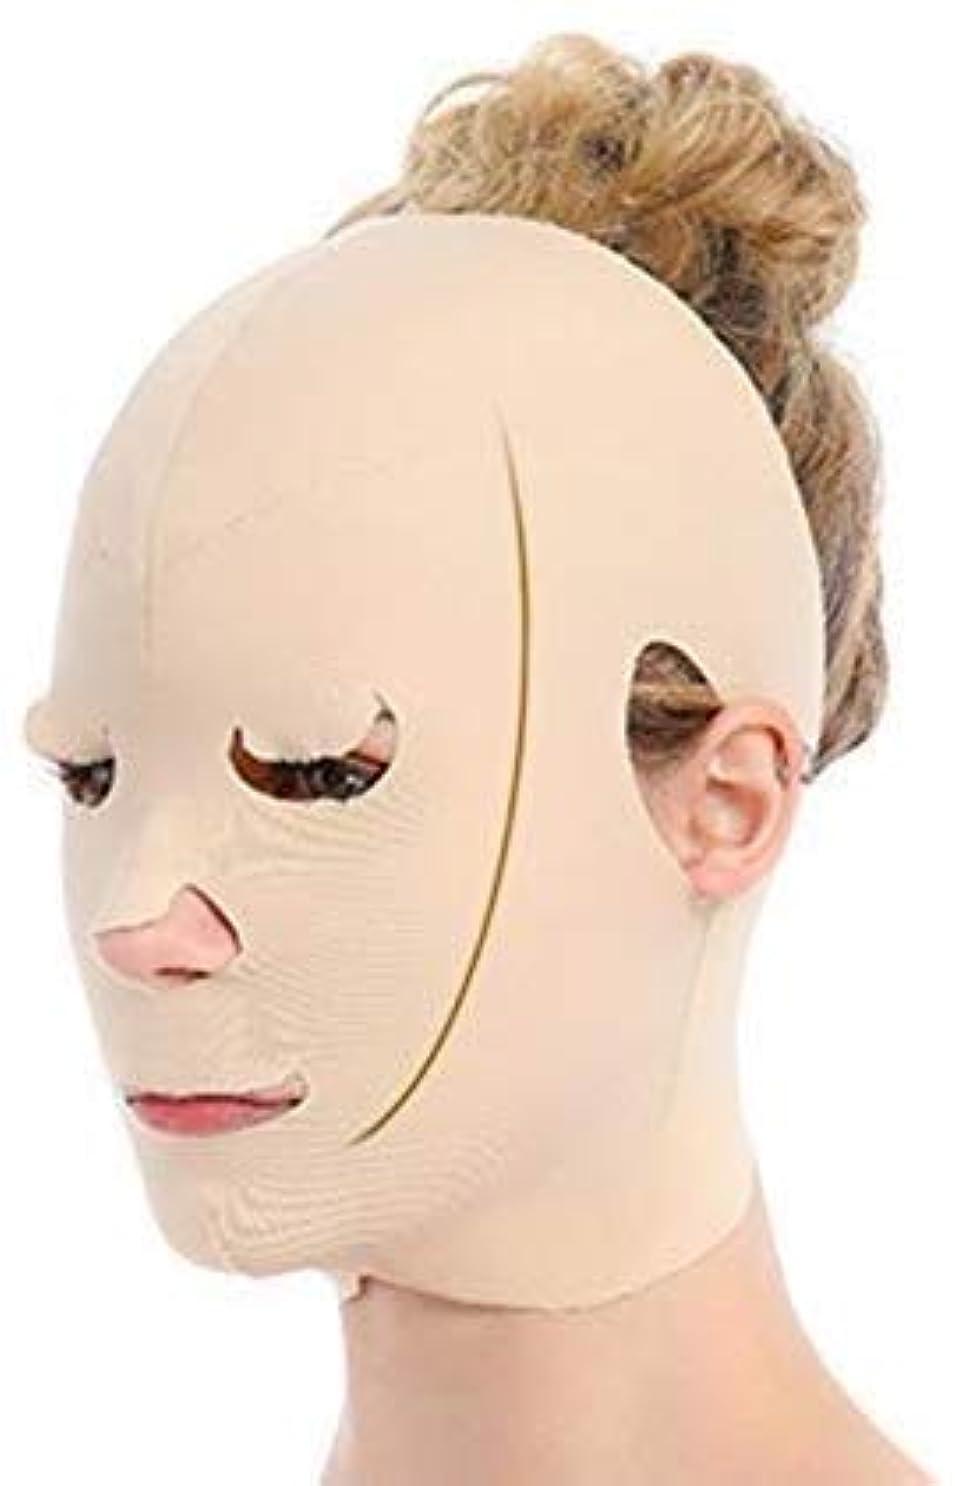 銀アクティブ口径美容と実用的な小顔ツールV顔包帯薄い顔美容マスク怠zyな睡眠マスク男性と女性V顔包帯整形リフティング引き締め顔薄い二重あご